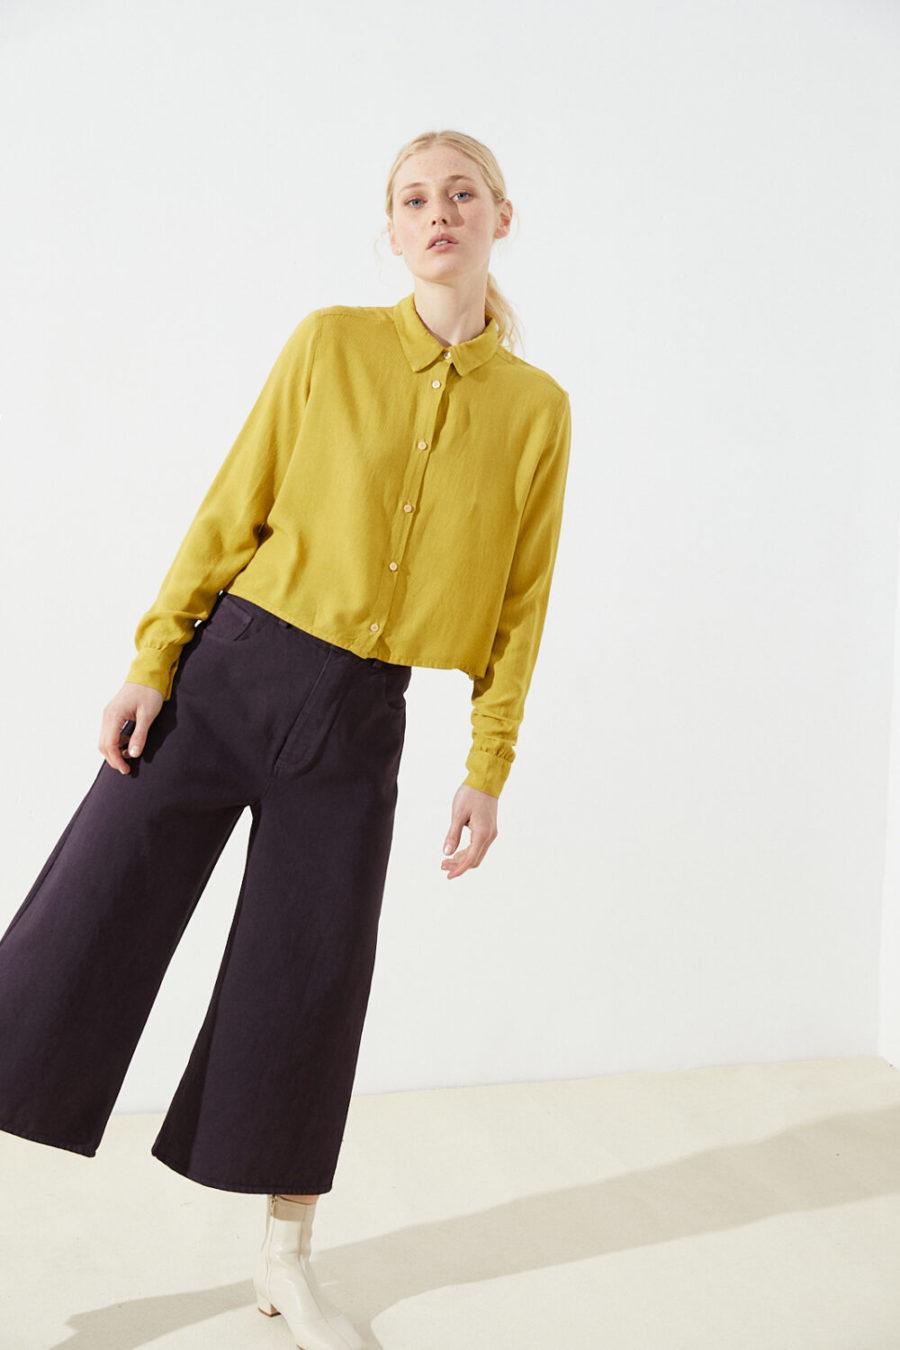 CUS - Segvi Tencel Shirt, Amber